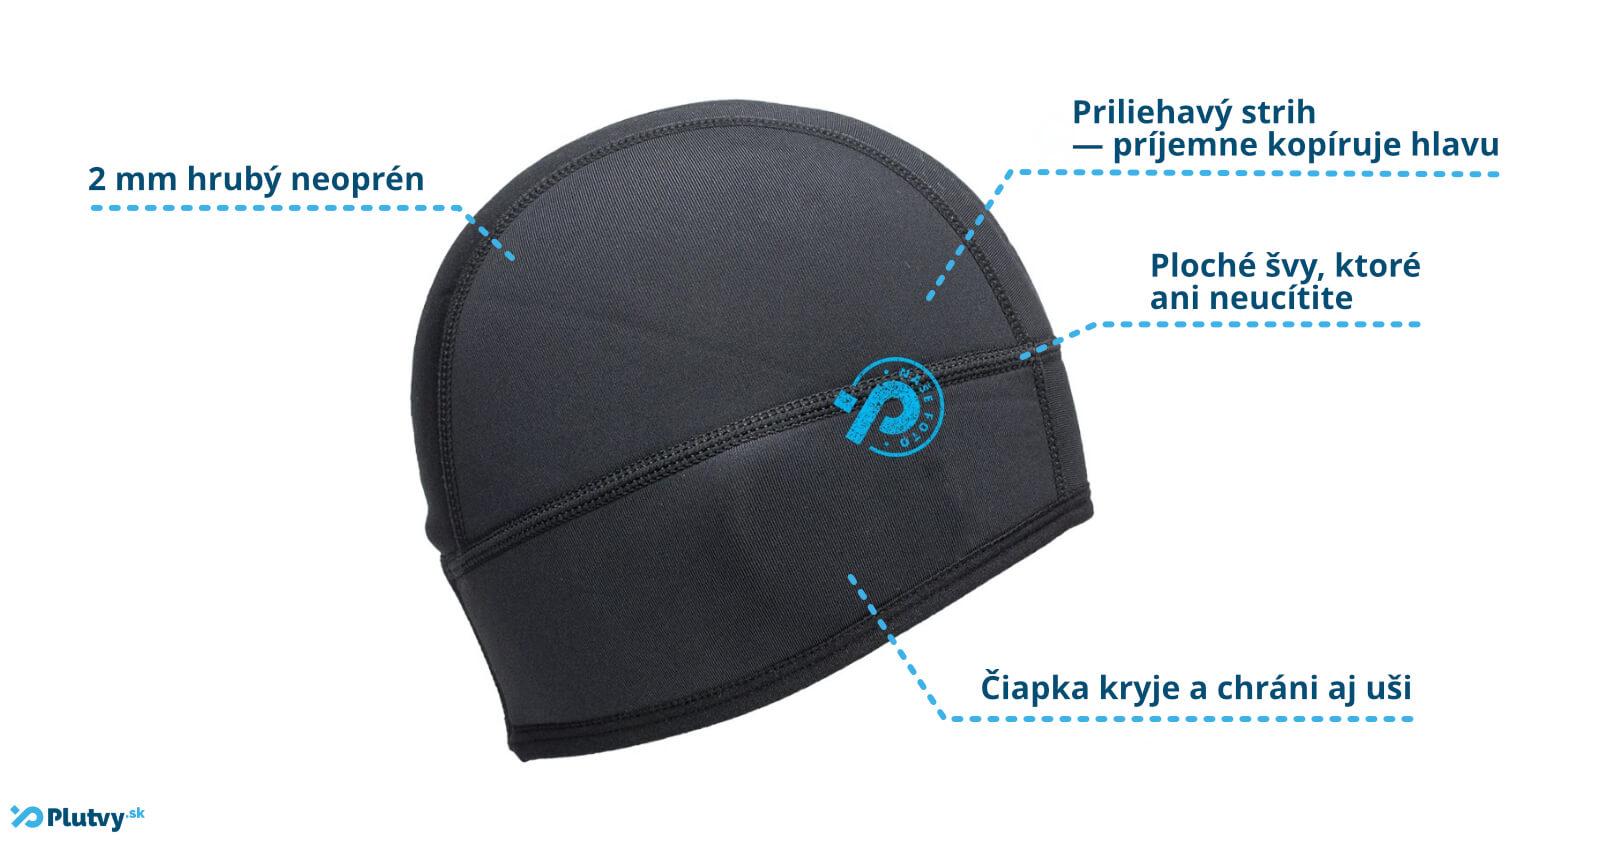 Unisex neoprénová čiapka pre športovcov Agama Wind, v Plutvy.sk